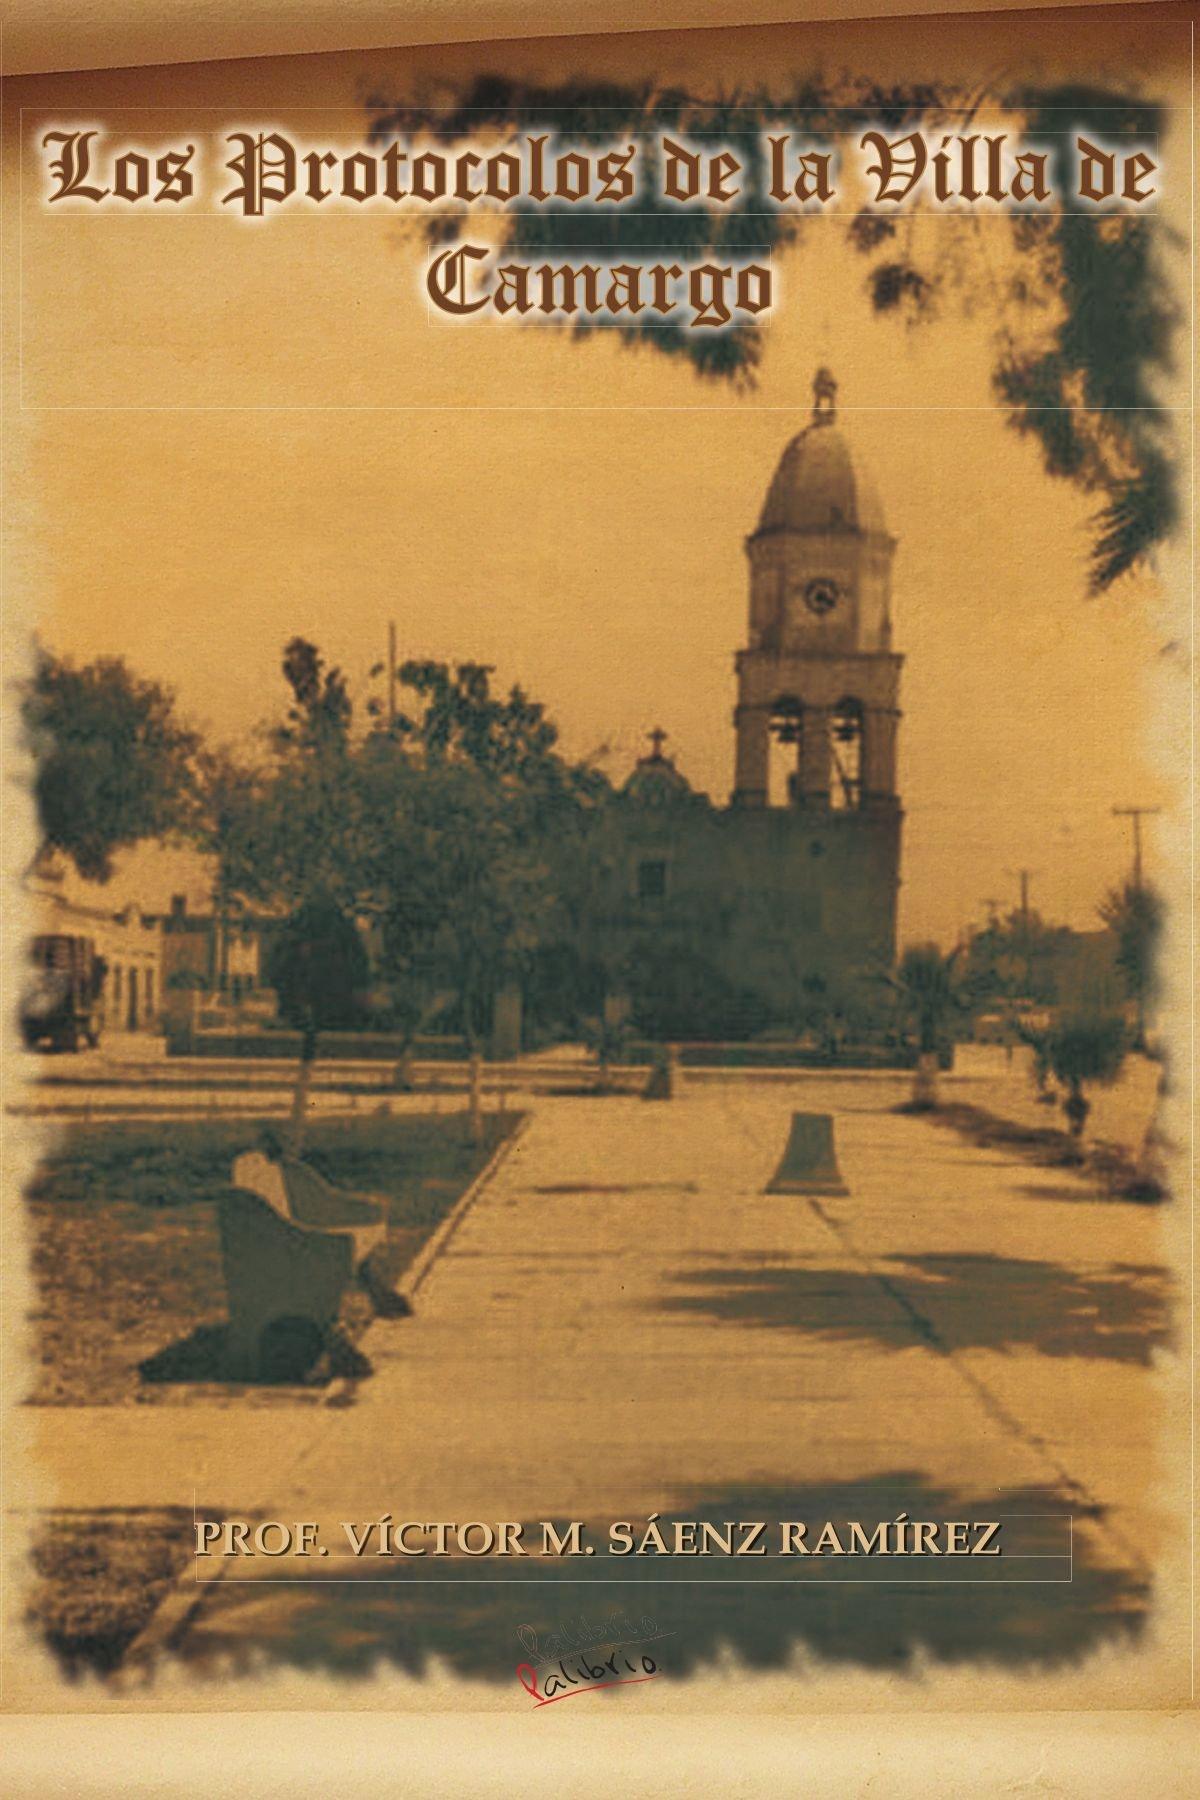 Download Los Protocolos de la Villa de Nuestra Señora Santa Anna de Camargo. 1762-1809. (Spanish Edition) pdf